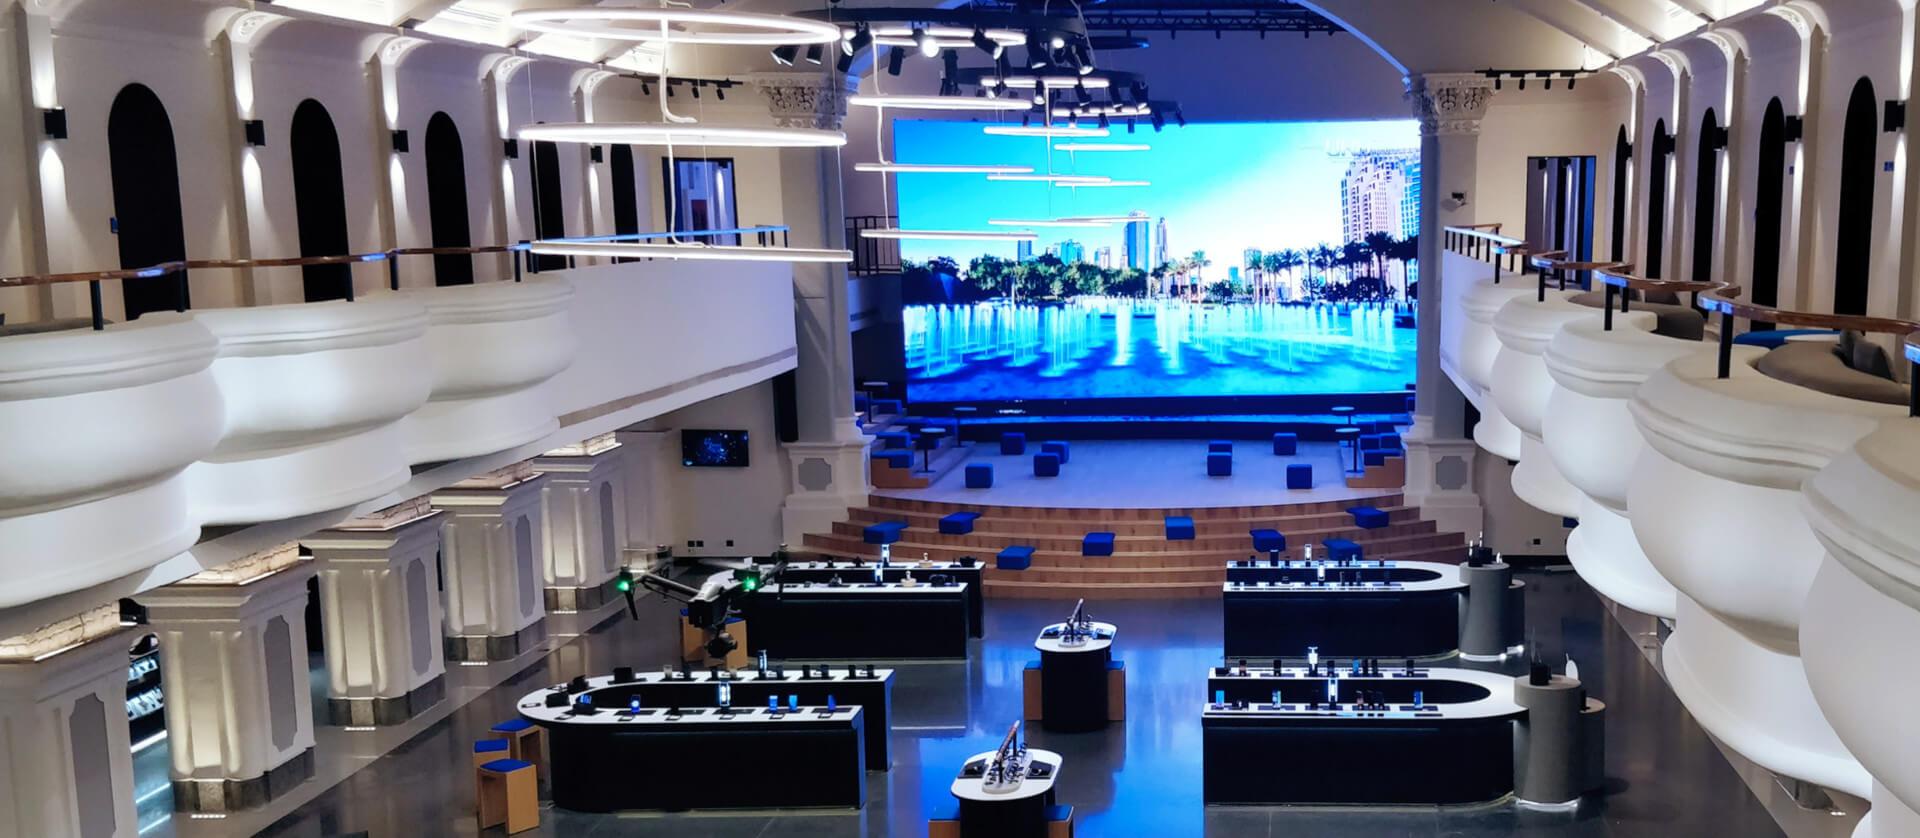 Samsung Opera House Bangalore